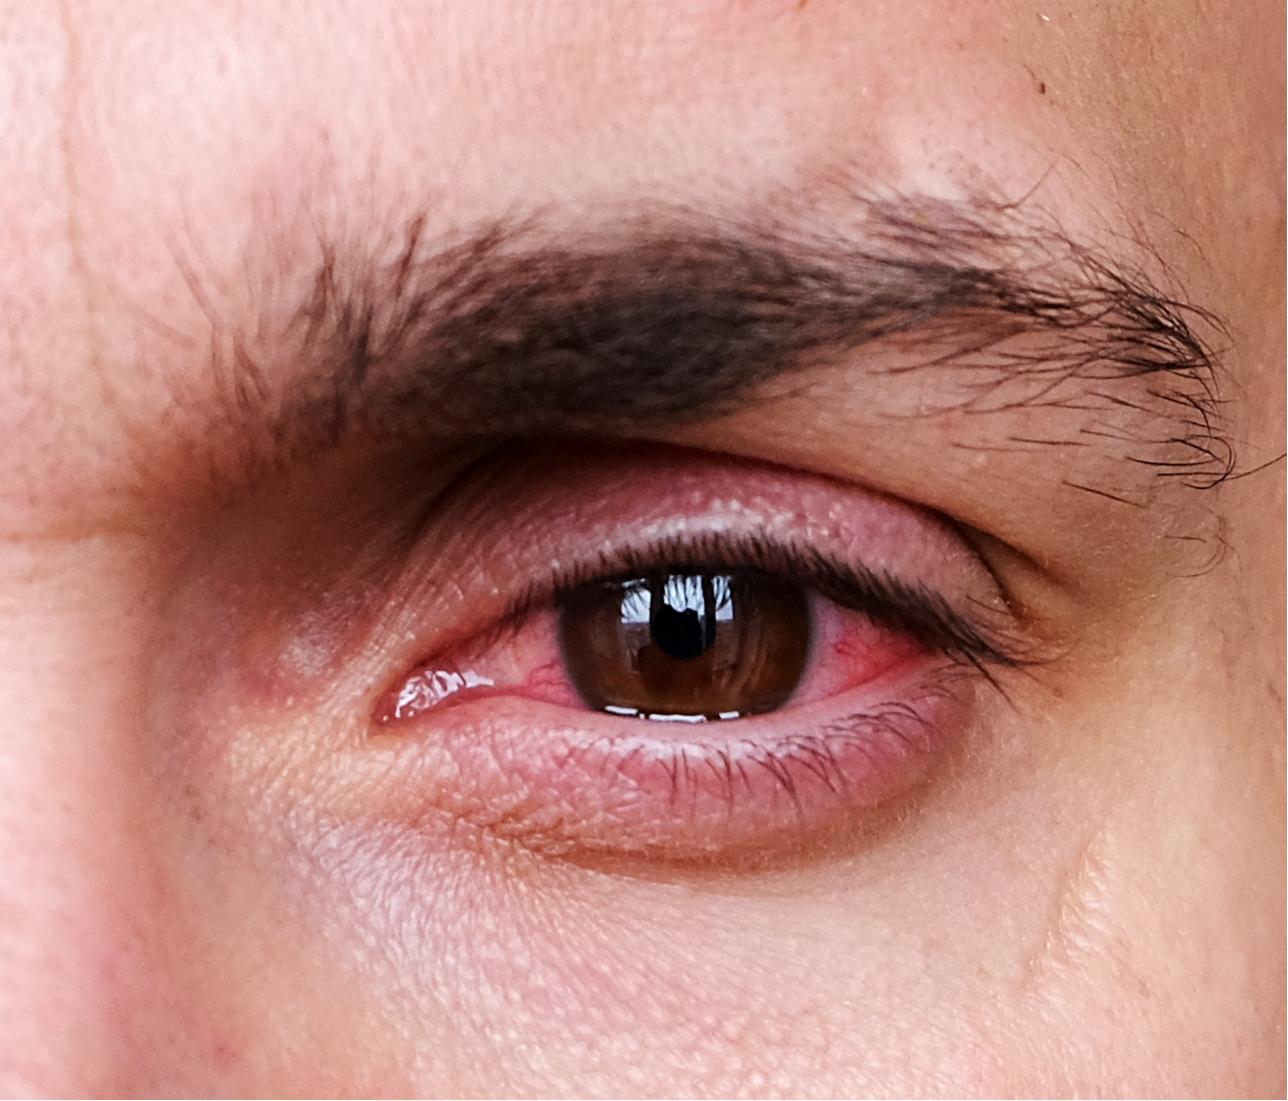 Silmä on punainen säteilyaltistuksen jälkeen.